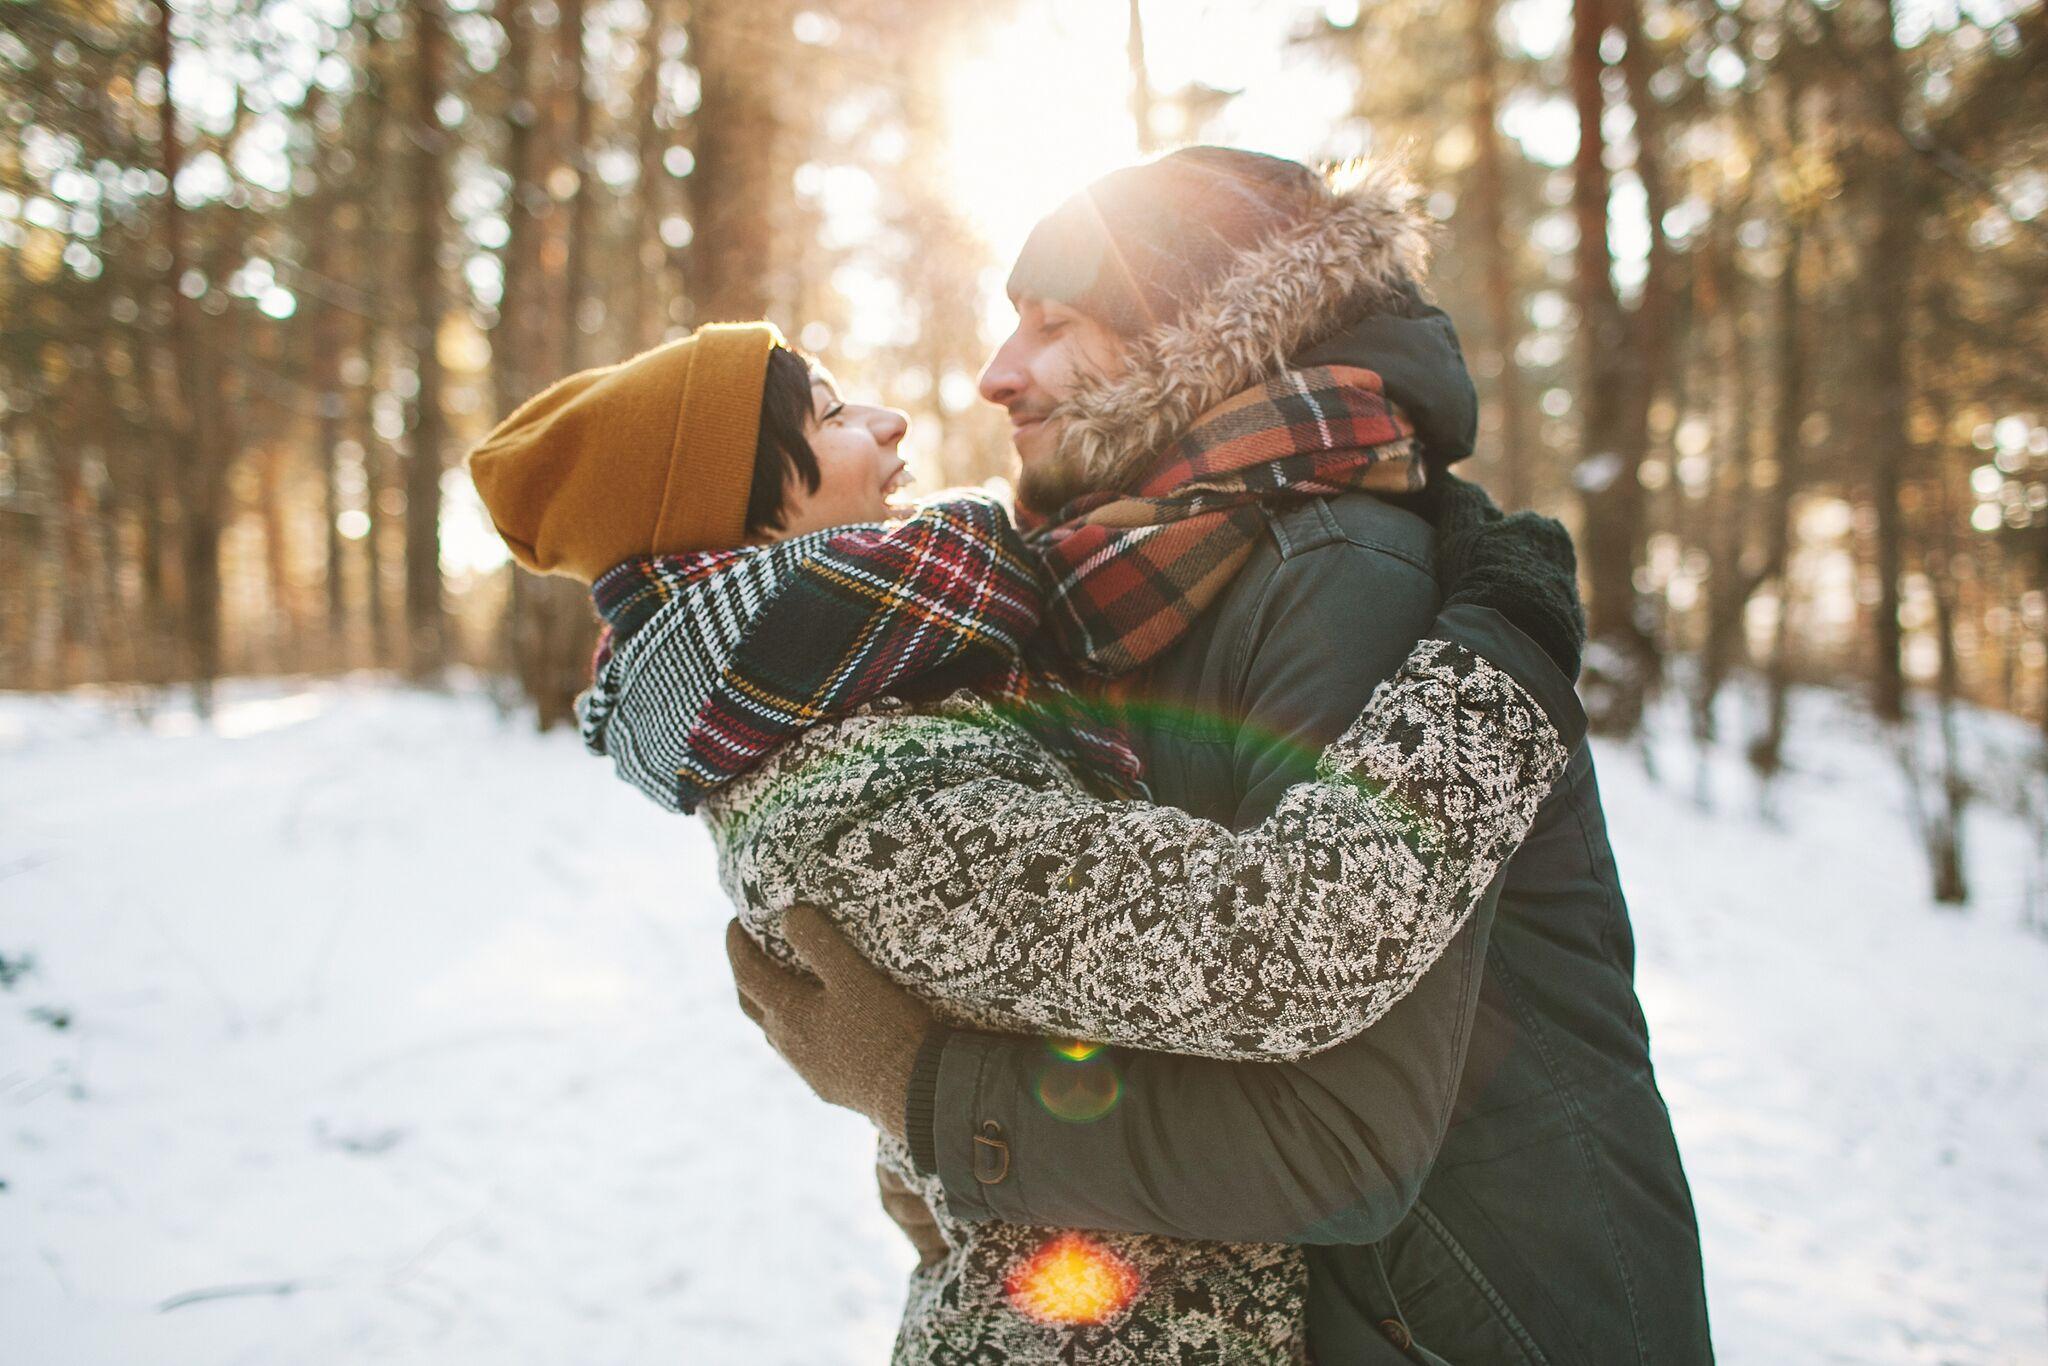 Par som omfavner hverandre i vinterlandskap. julegave til kjæresten 2017